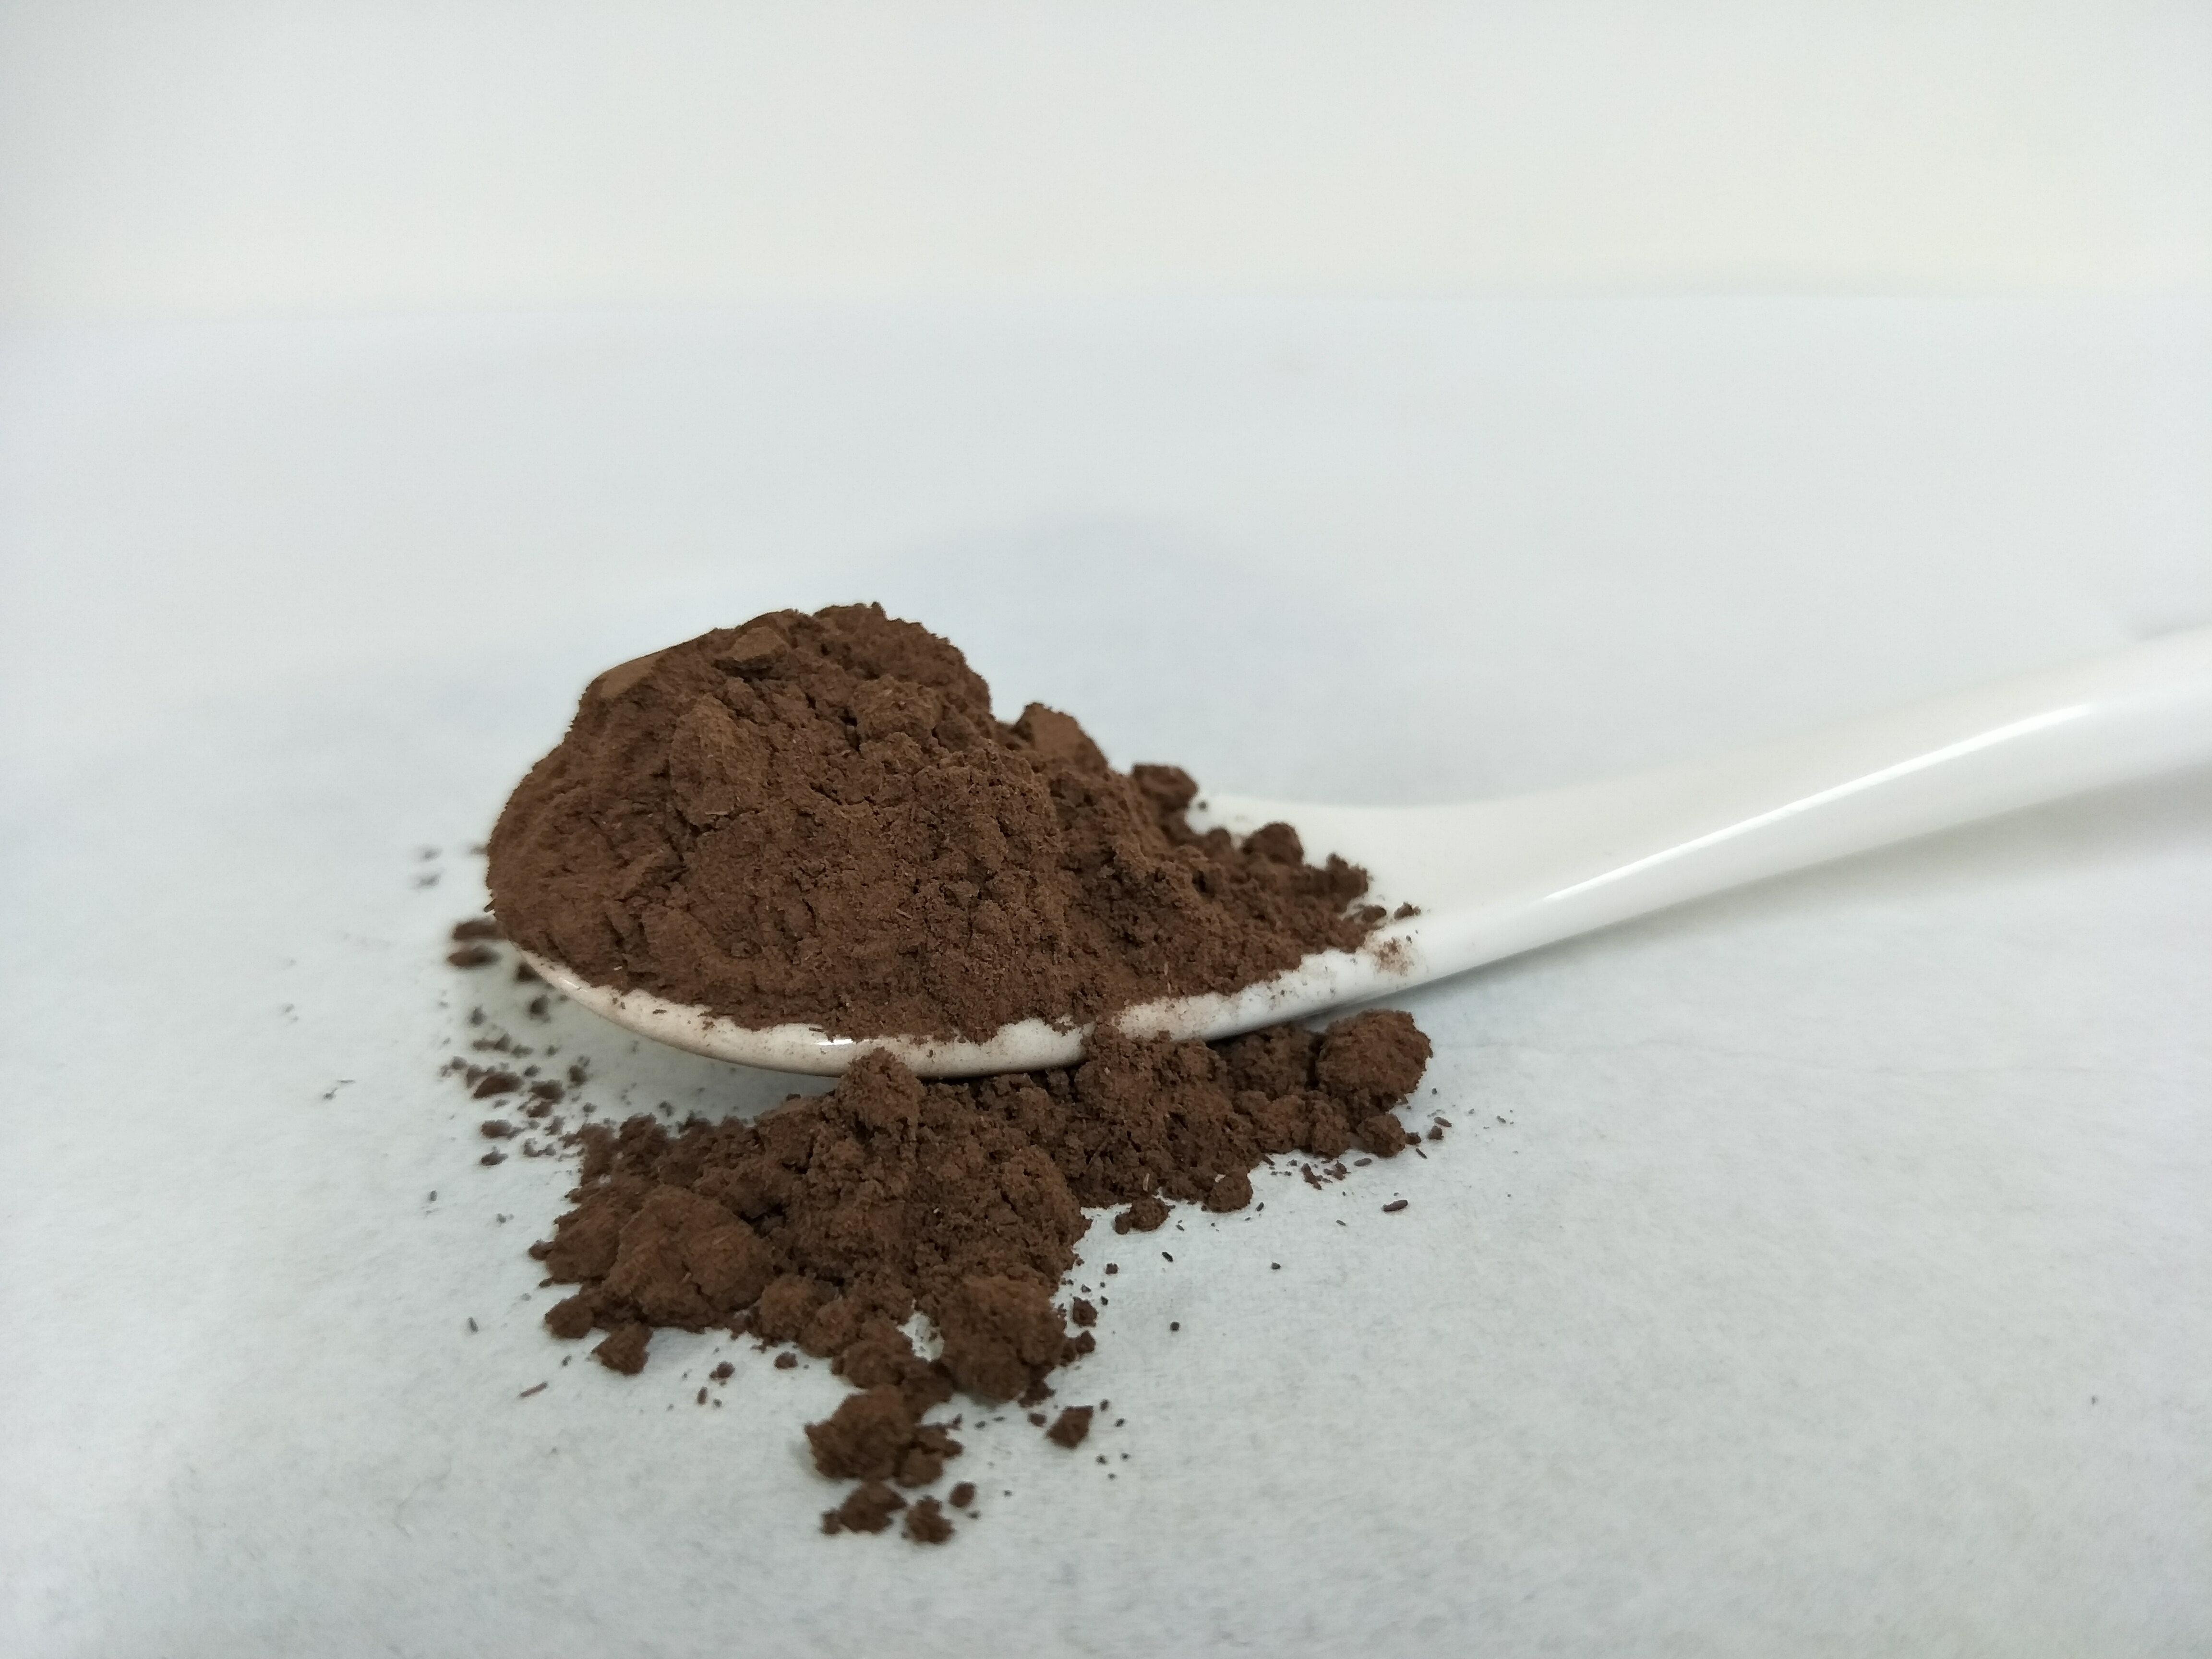 紫檀細粉  分裝 皂用色粉(植物粉) 手工皂 基礎原料 添加物 請勿食用 (50g、100g、500g)